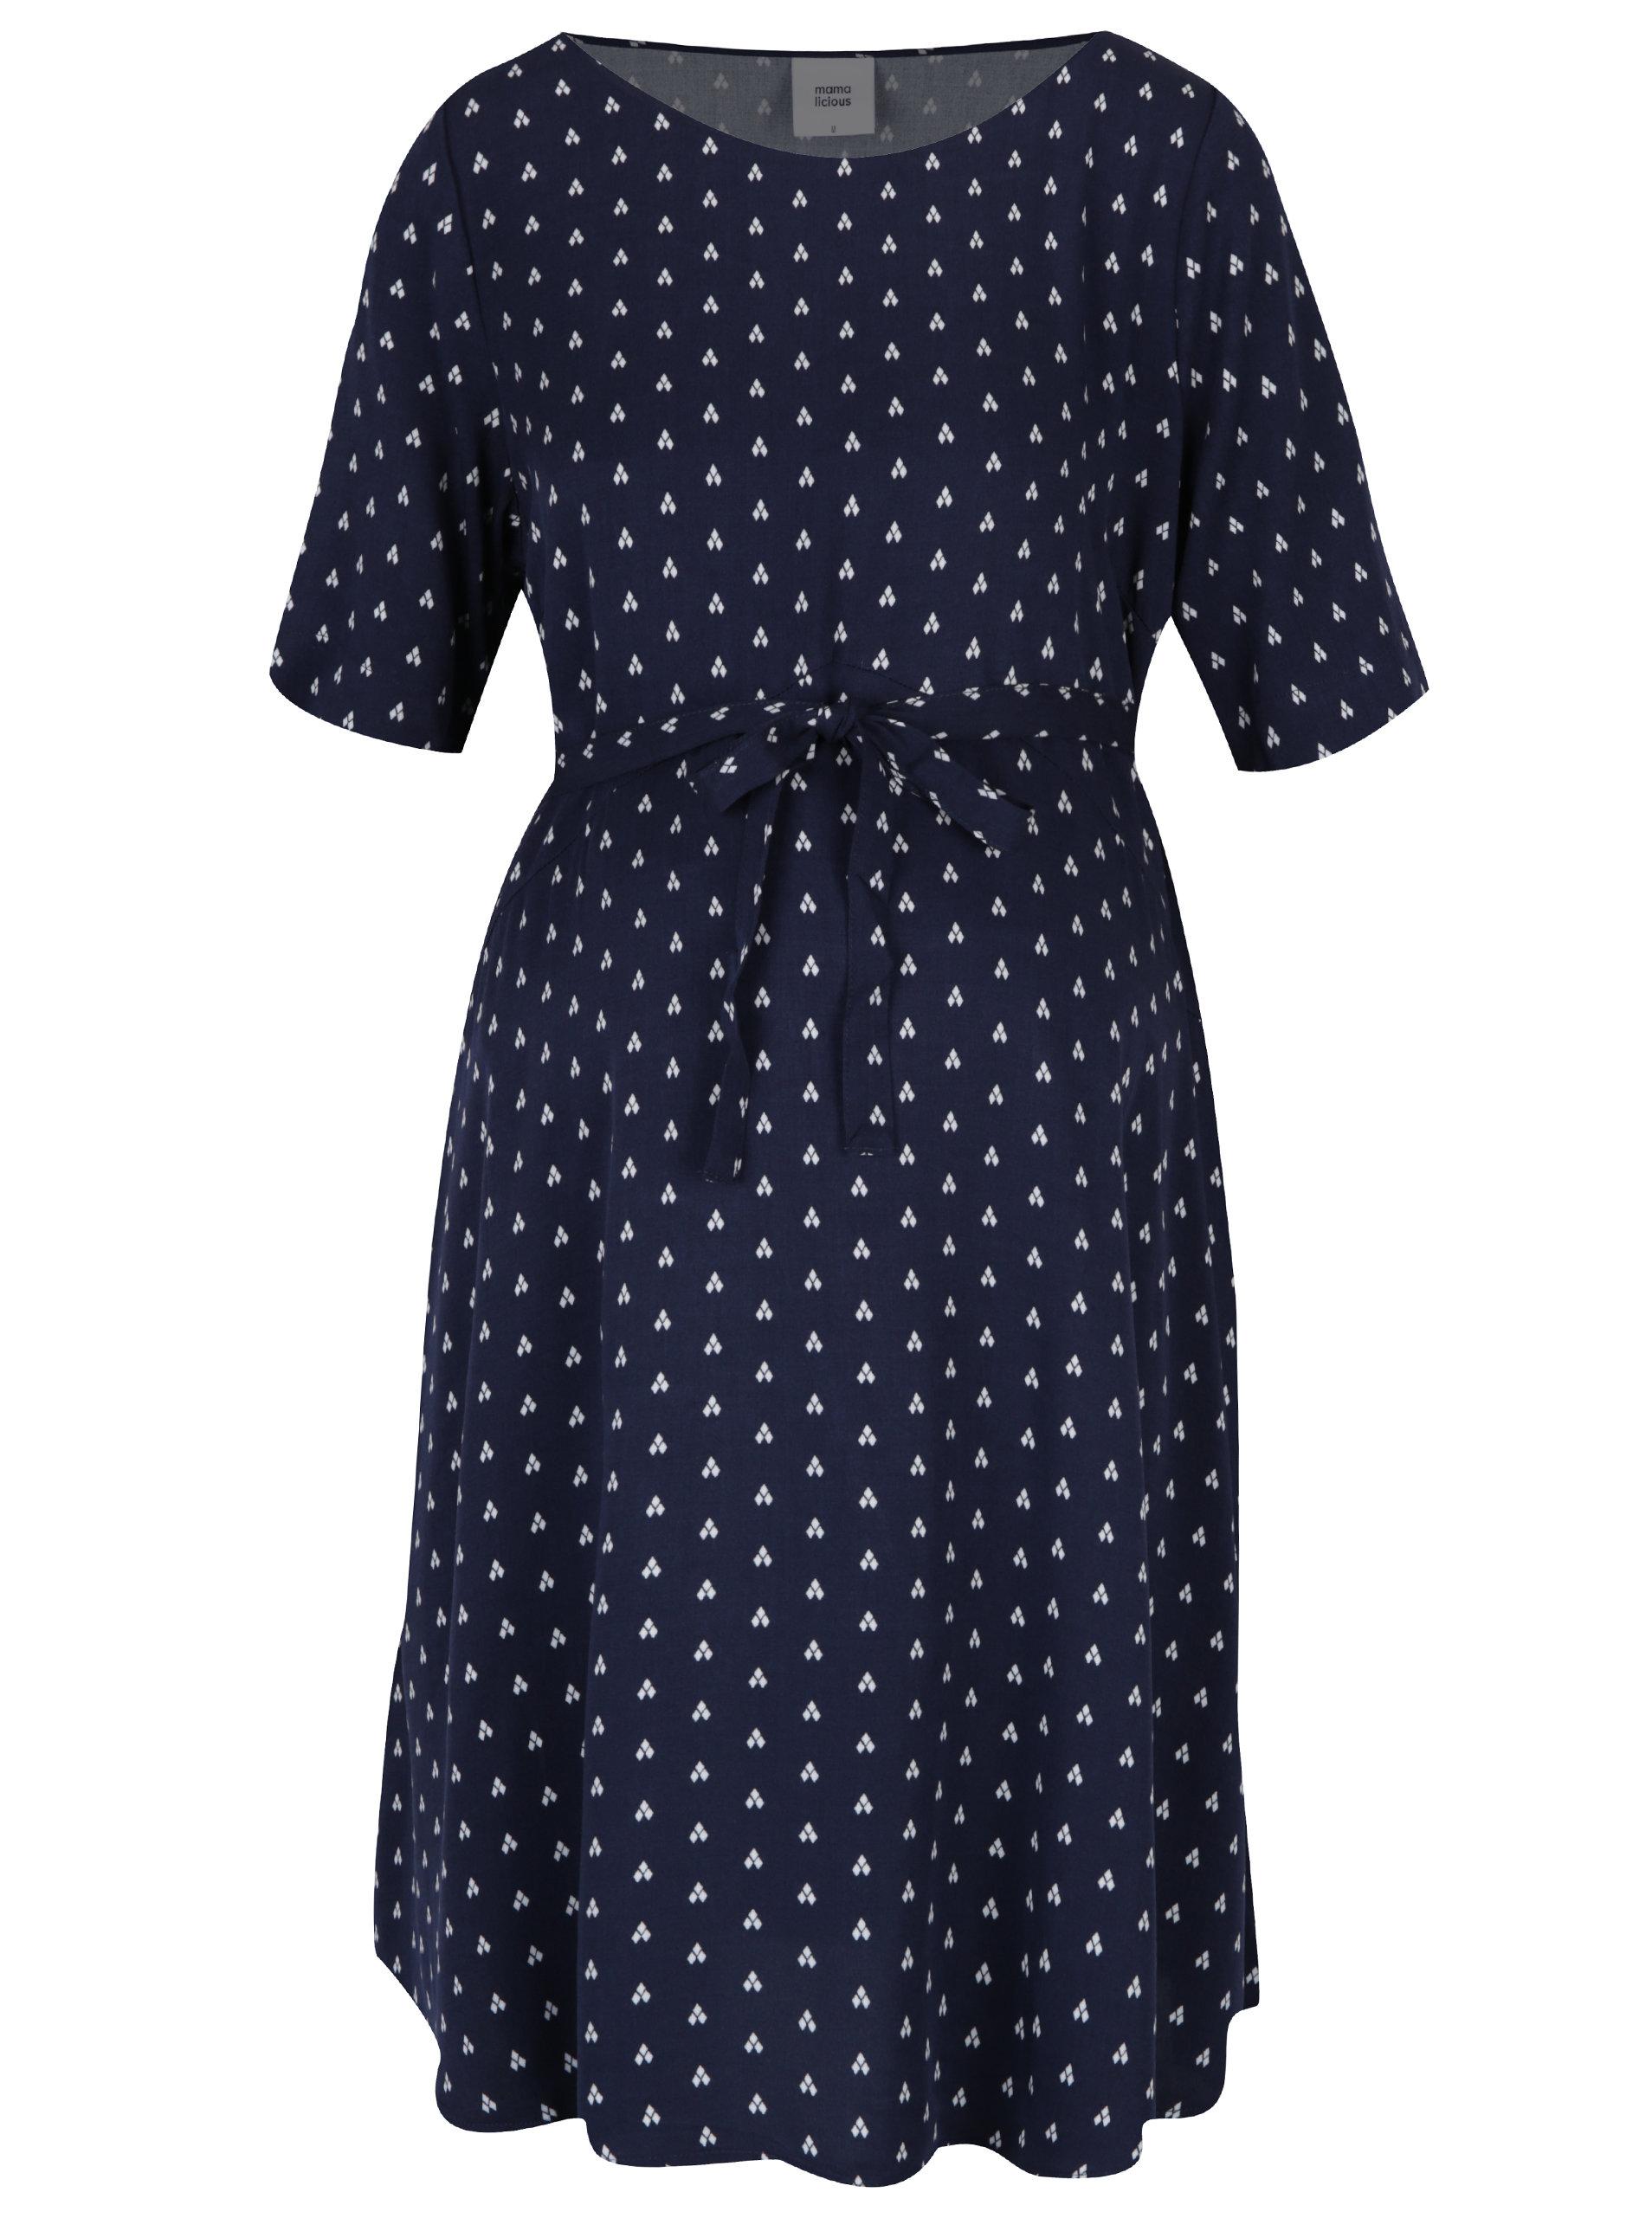 Tmavě modré vzorované těhotenské šaty Mama.licious Shada ... 2daed2409f